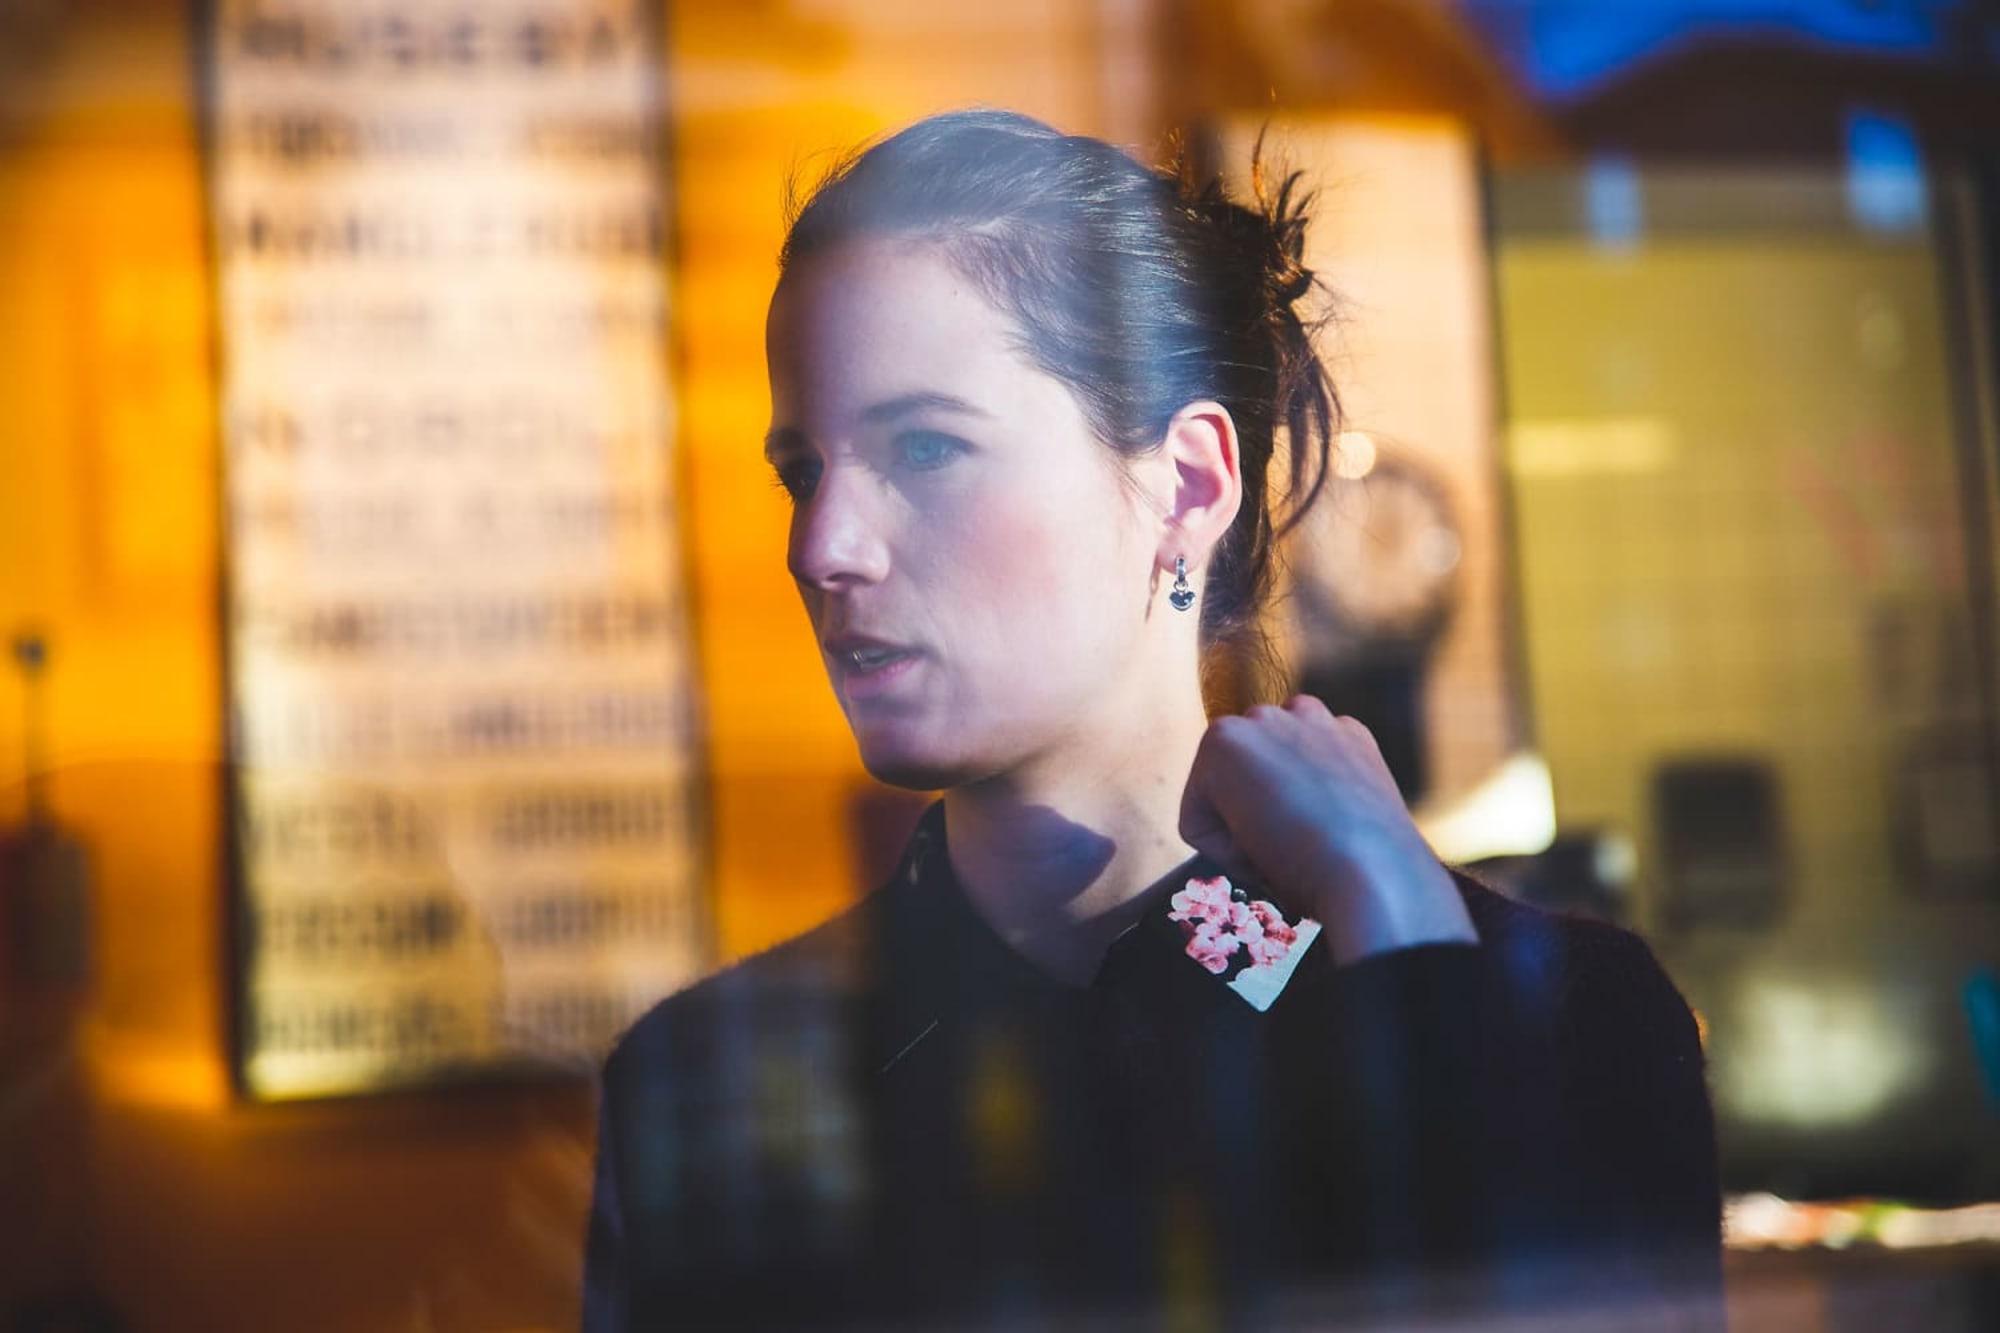 FÅR DRAHJELP I STOCKHOLM: I vinter er Marie Louise Sunde og forretningspartner Isabell Ringnes i Stockholm. Der får de hjelp til å ta Shesgotthis videre gjennom gründerprogrammet Antler.